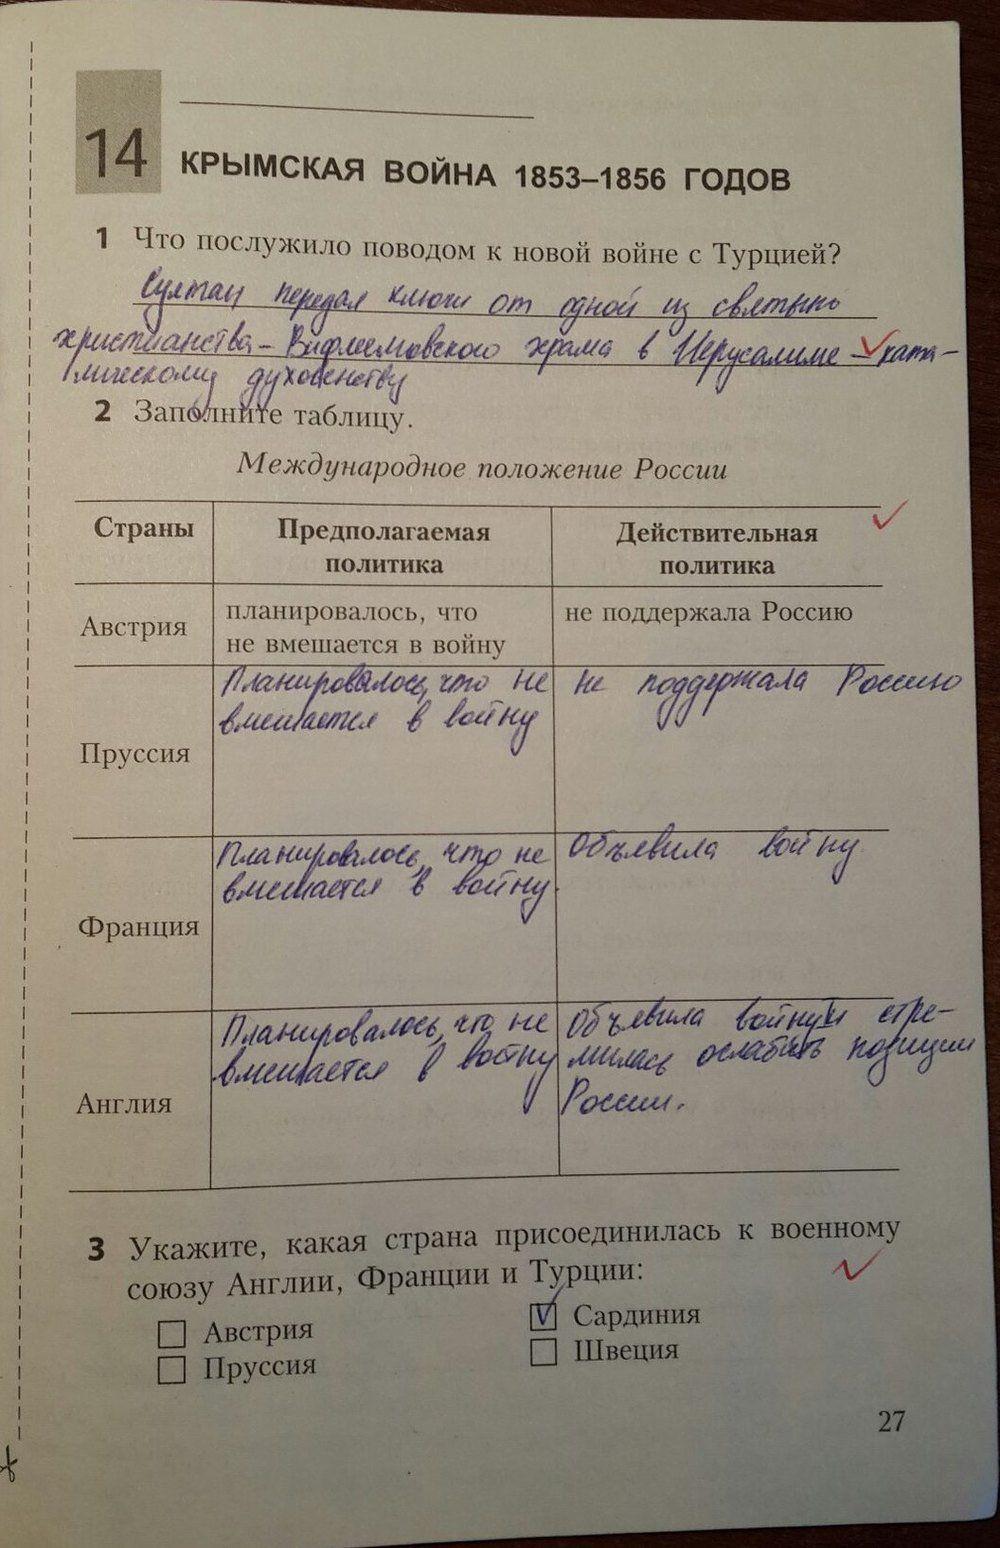 Гдз раздаточные материалы по русскому языку 7 класс